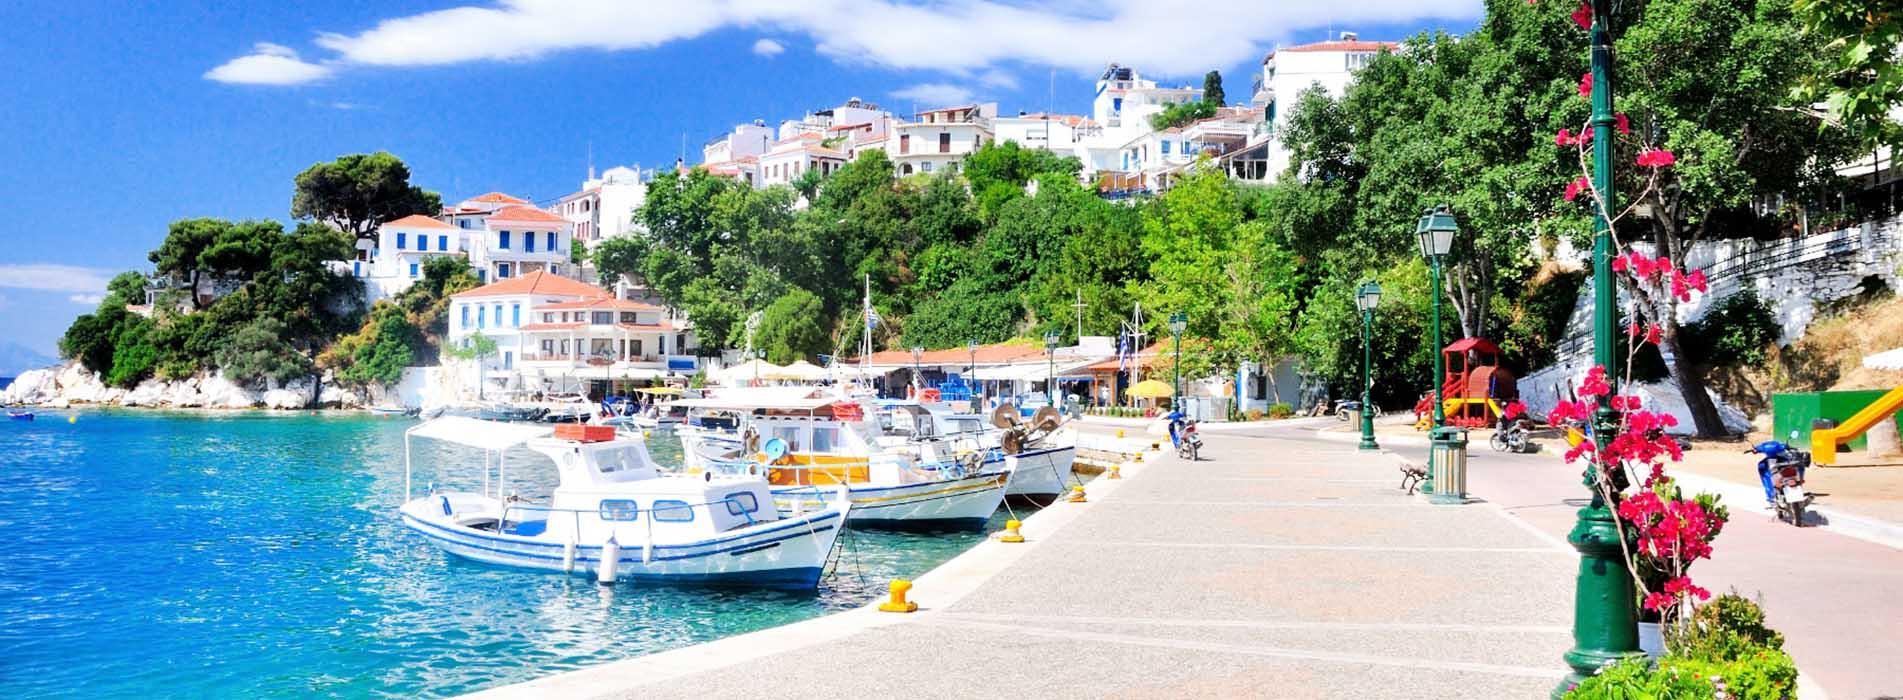 Greece - Skiathos 6 (main)